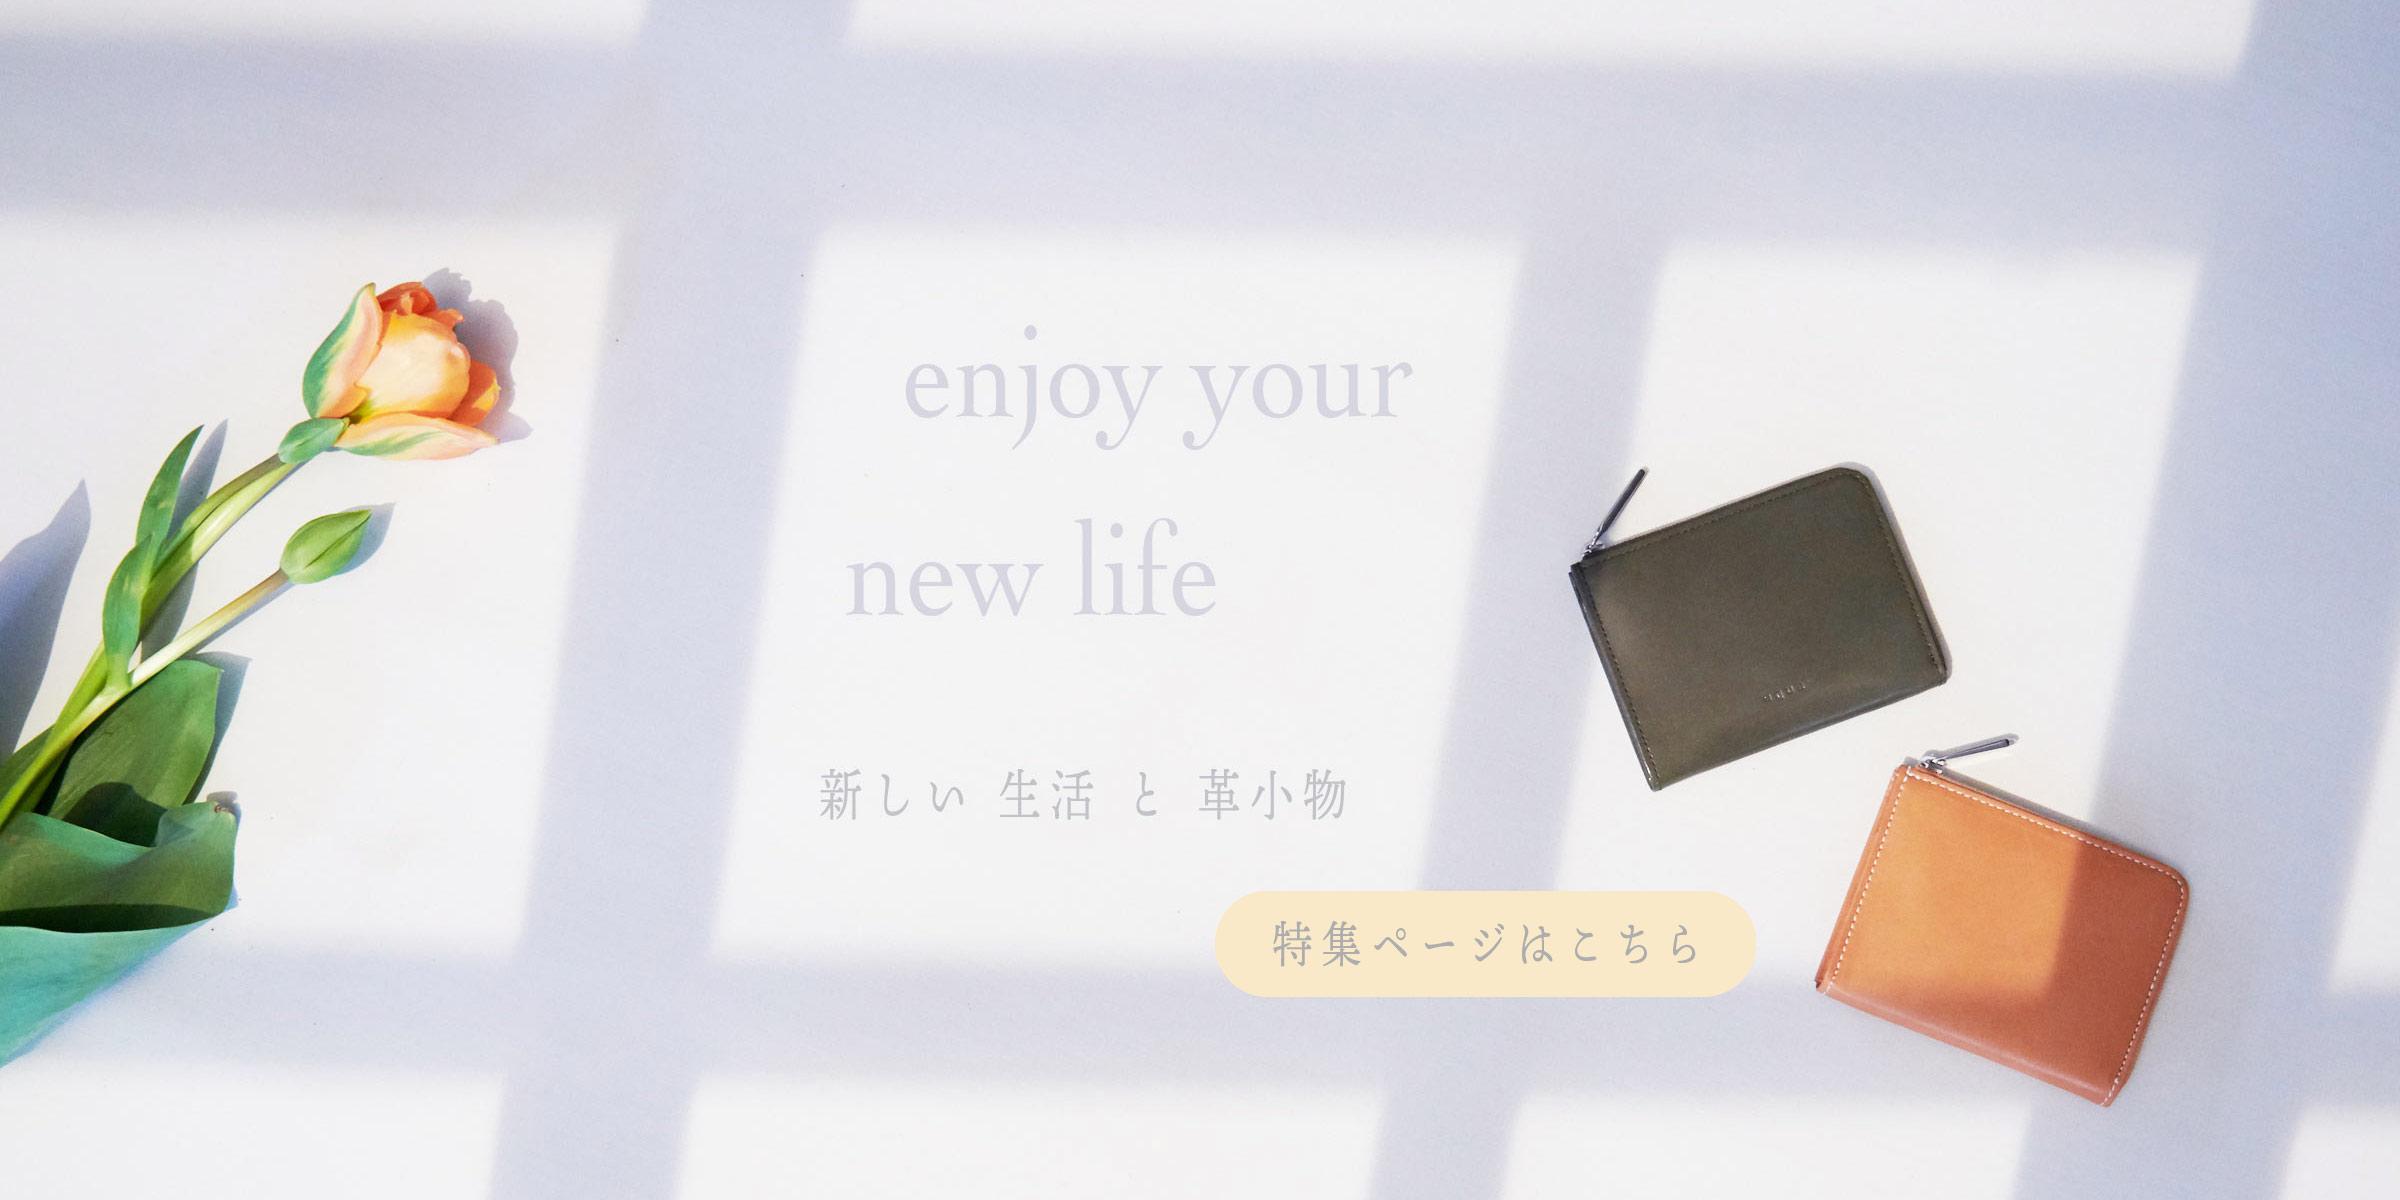 新しい生活と革小物